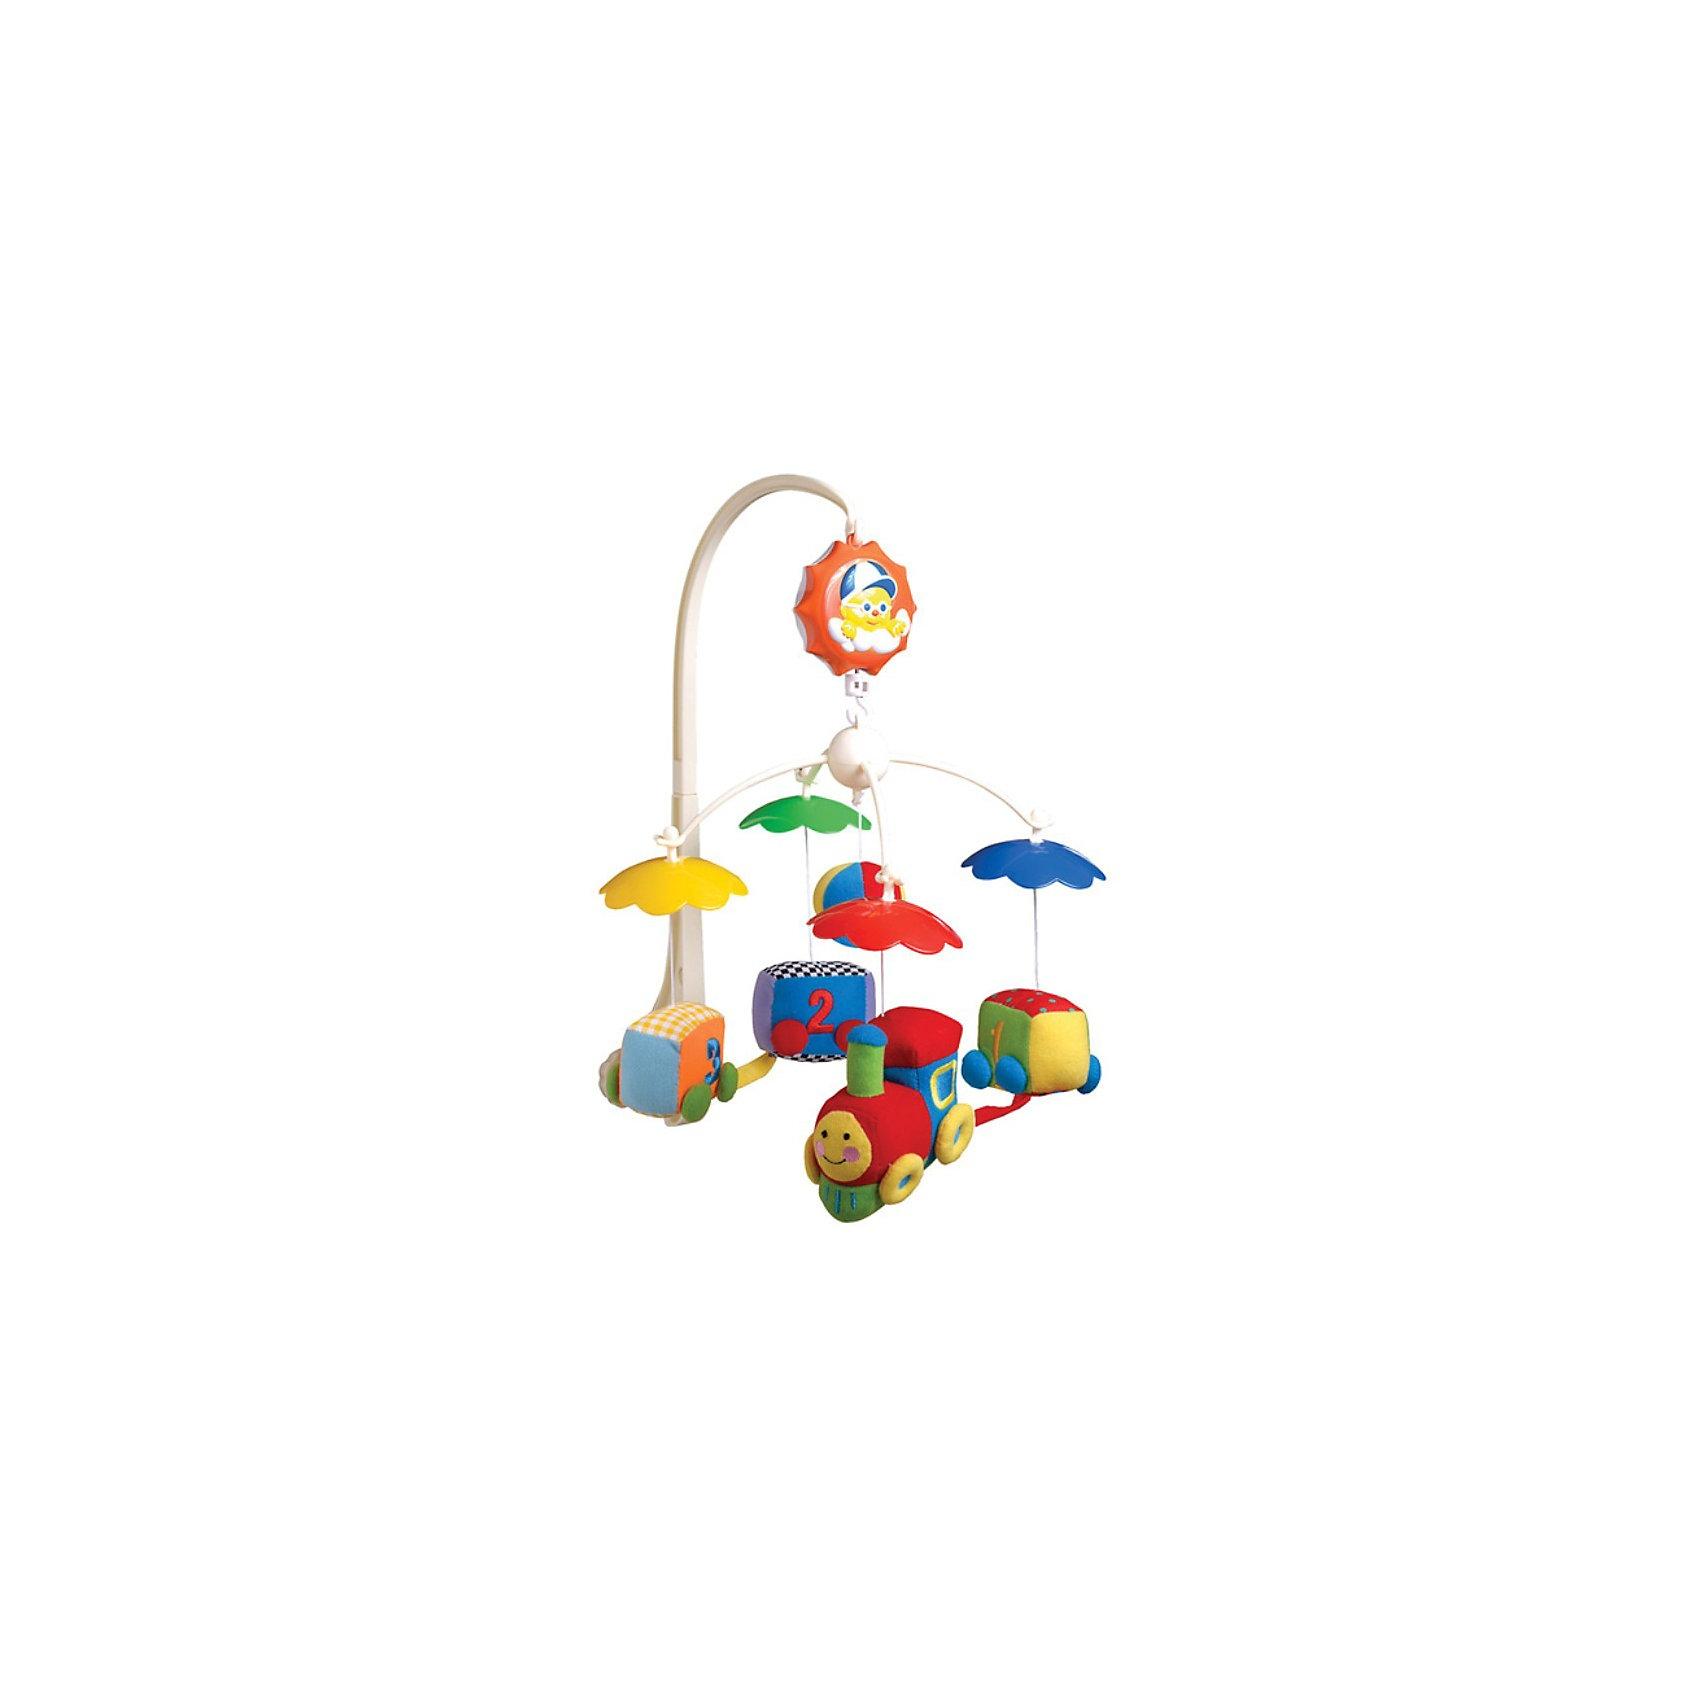 Canpol Babies Музыкальный мякгий мобиль Паровозик, Canpol Babies мягкие игрушки teddy в интернет магазине недорого